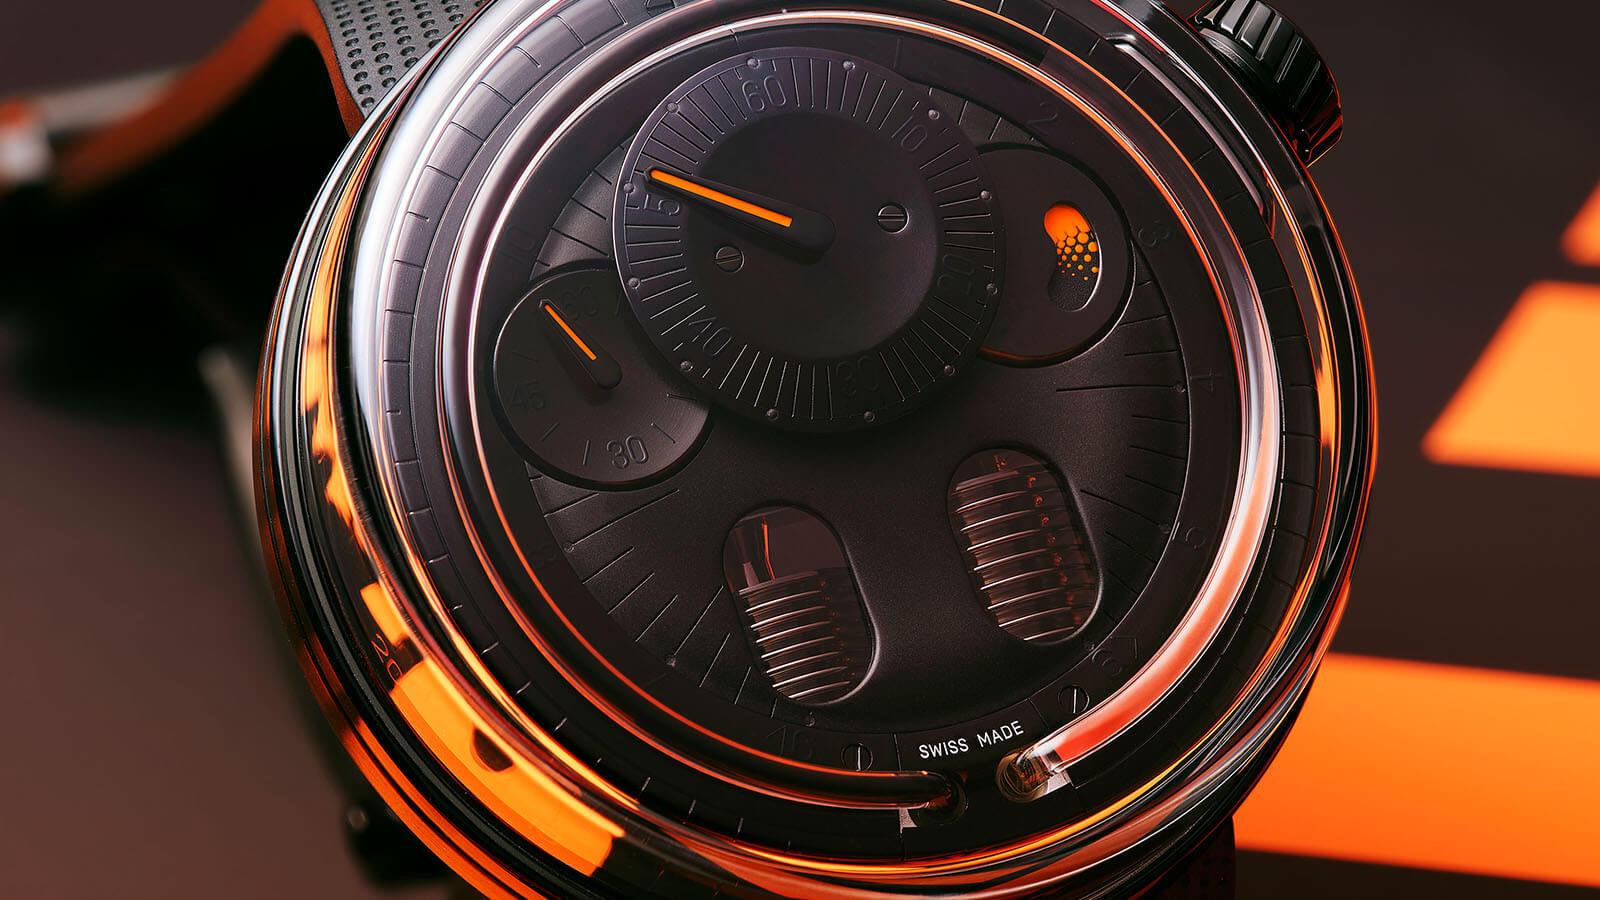 H0 von HYT Anzeige der Zeit mittles Fluid-Modul, Detailansicht Zifferblatt